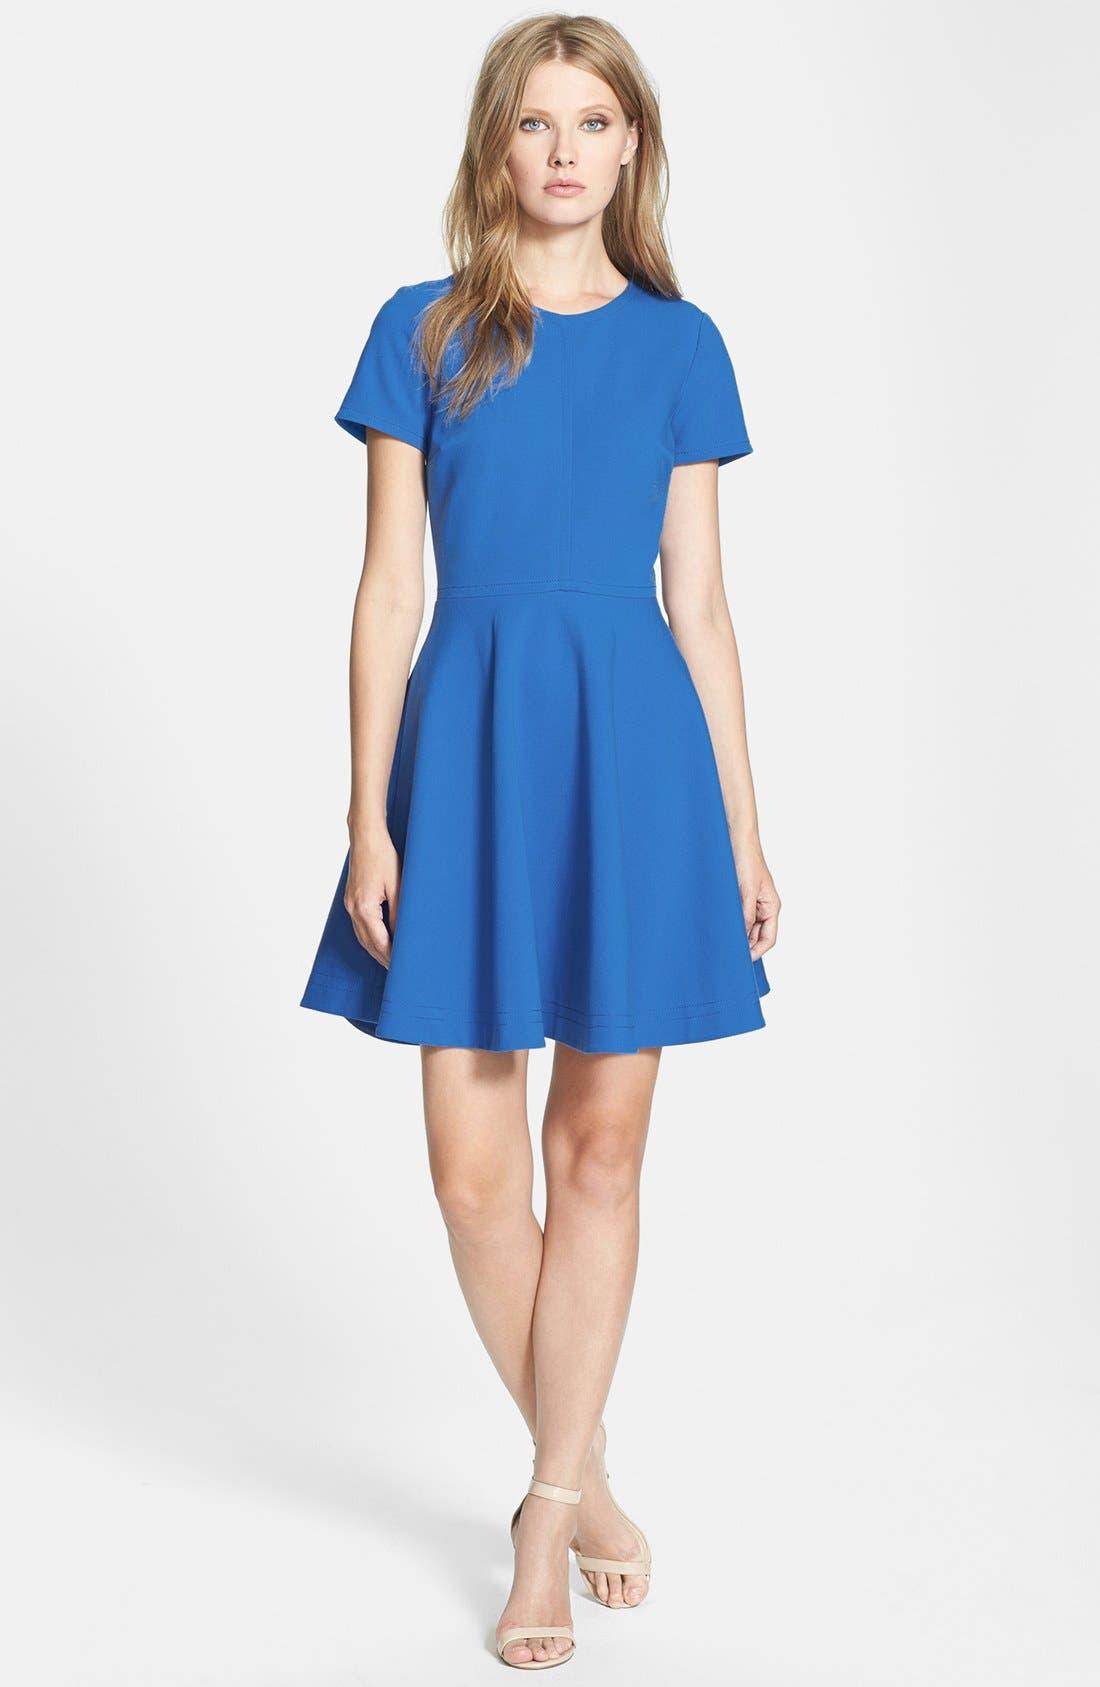 Alternate Image 1 Selected - Diane von Furstenberg 'Ivana' Fit & Flare Dress